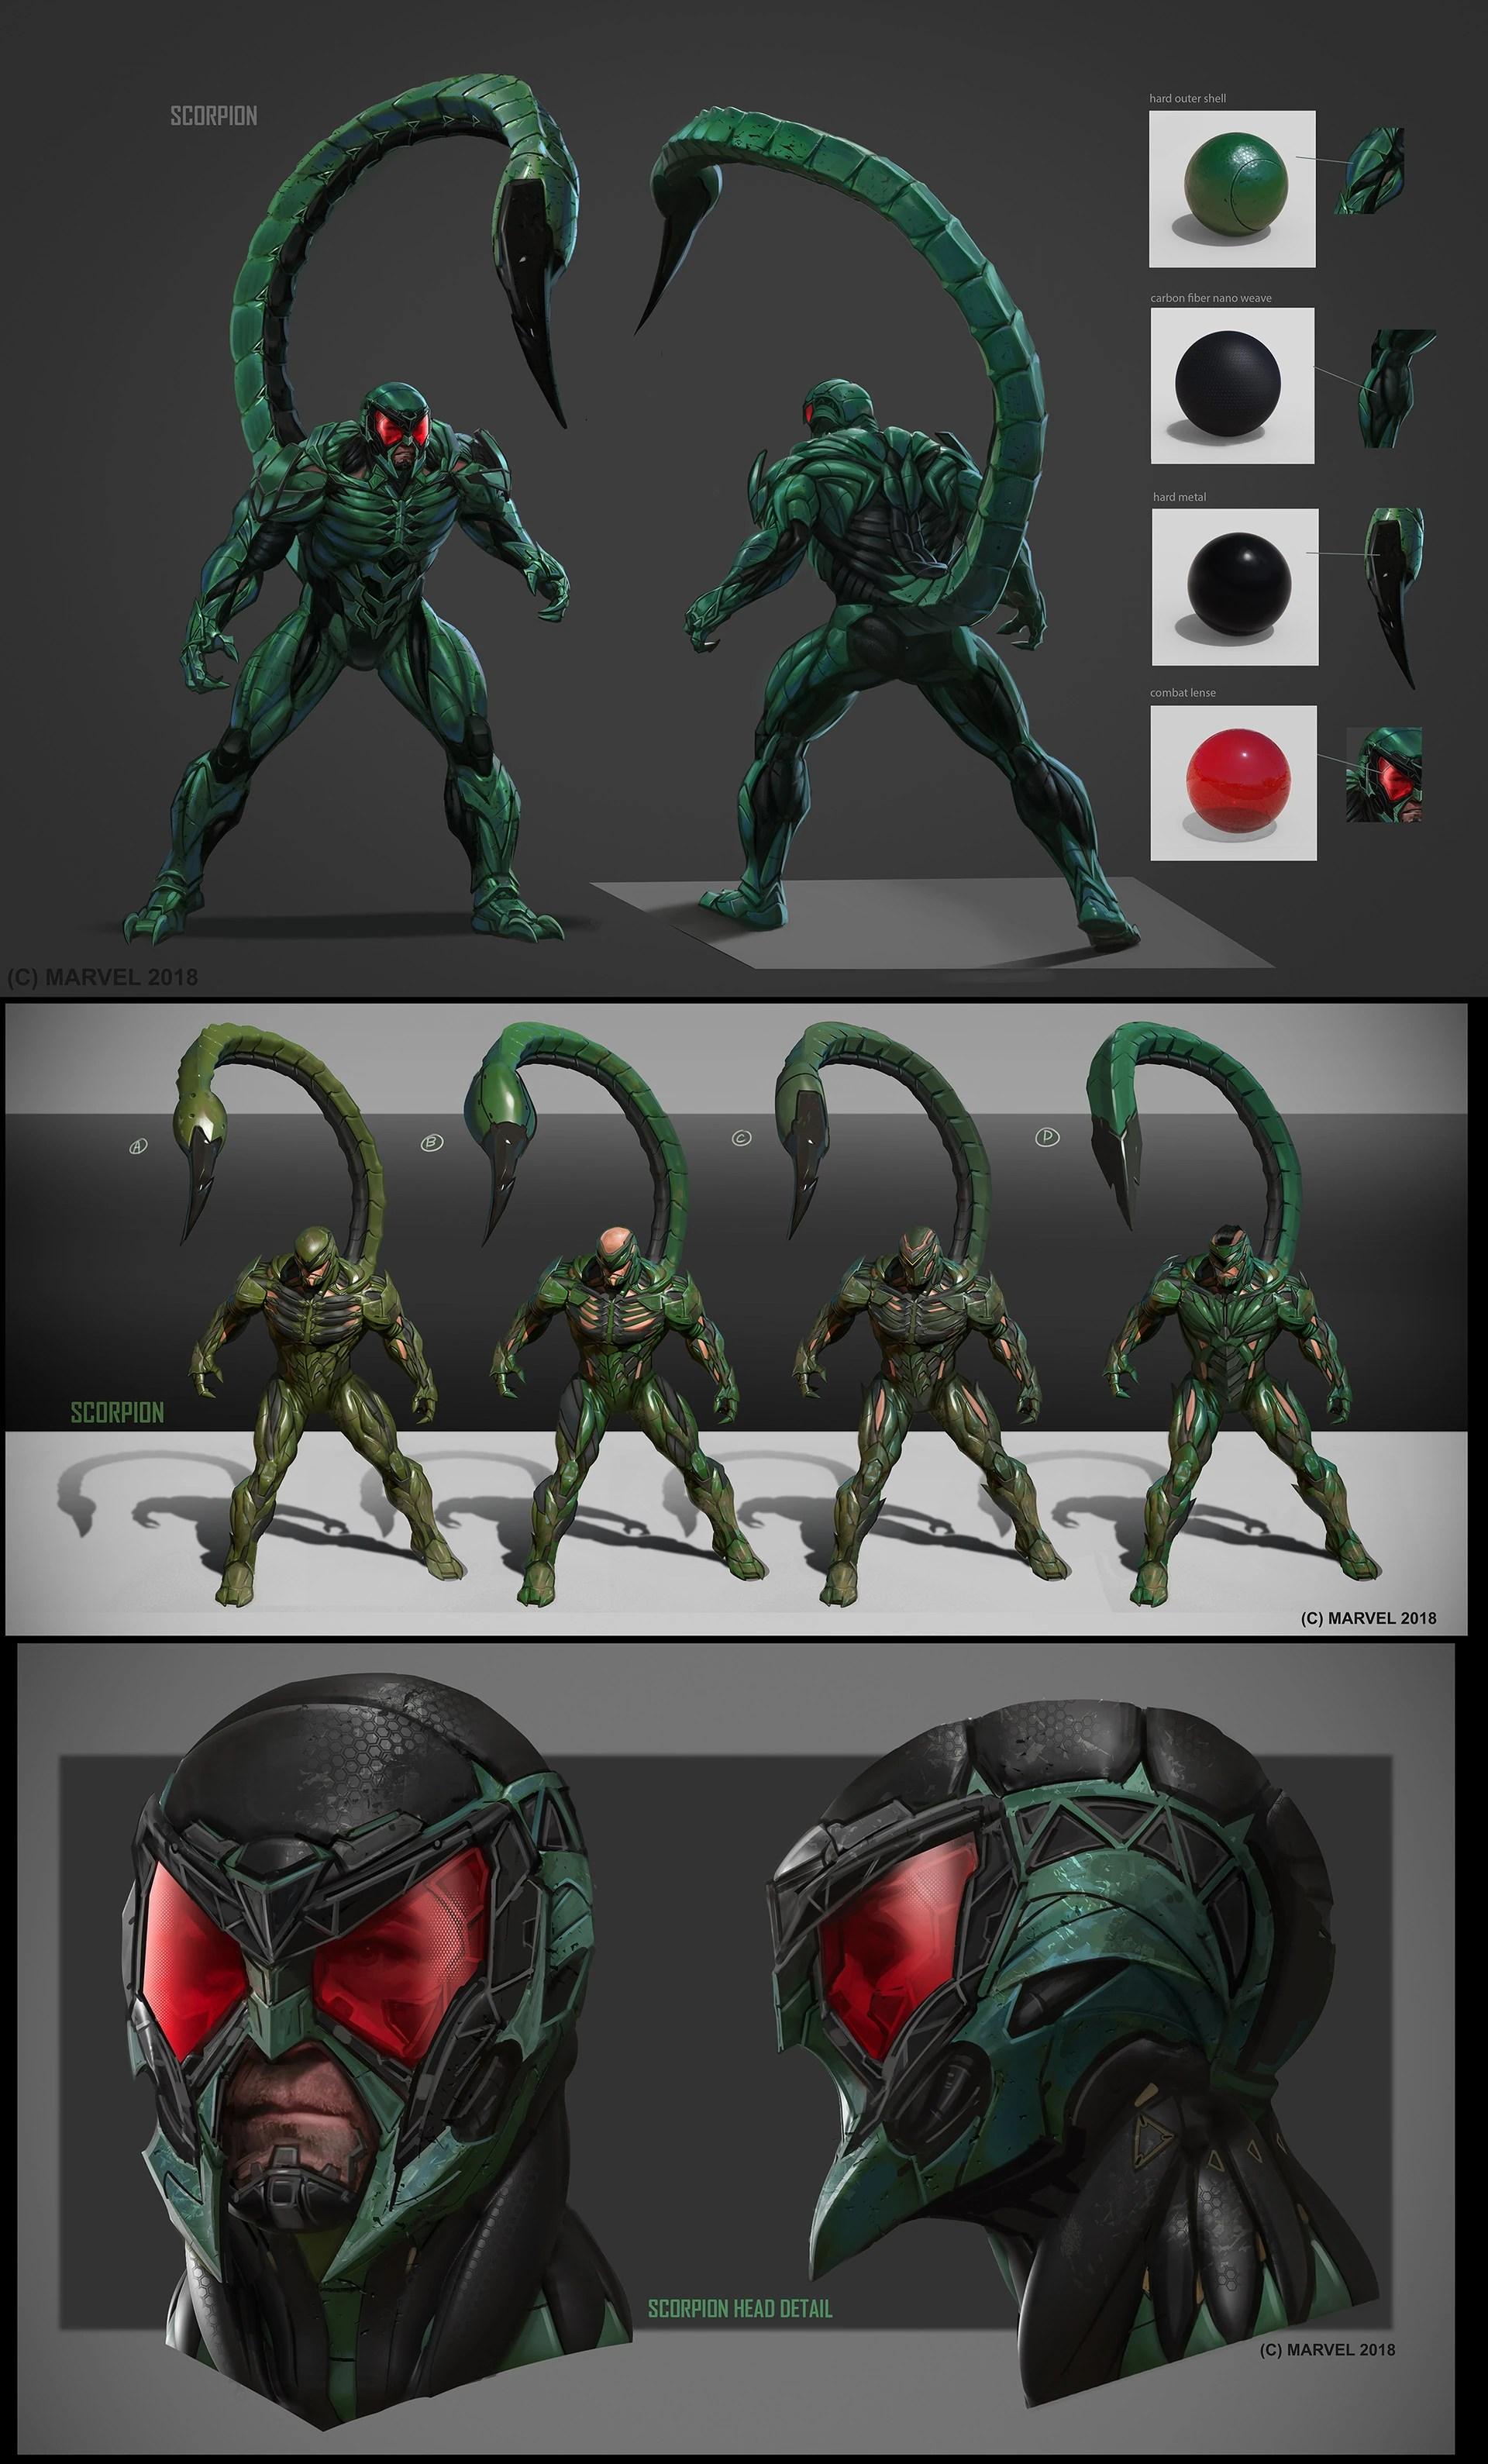 Scorpion Marvel S Spider Man Wiki Fandom Powered By Wikia